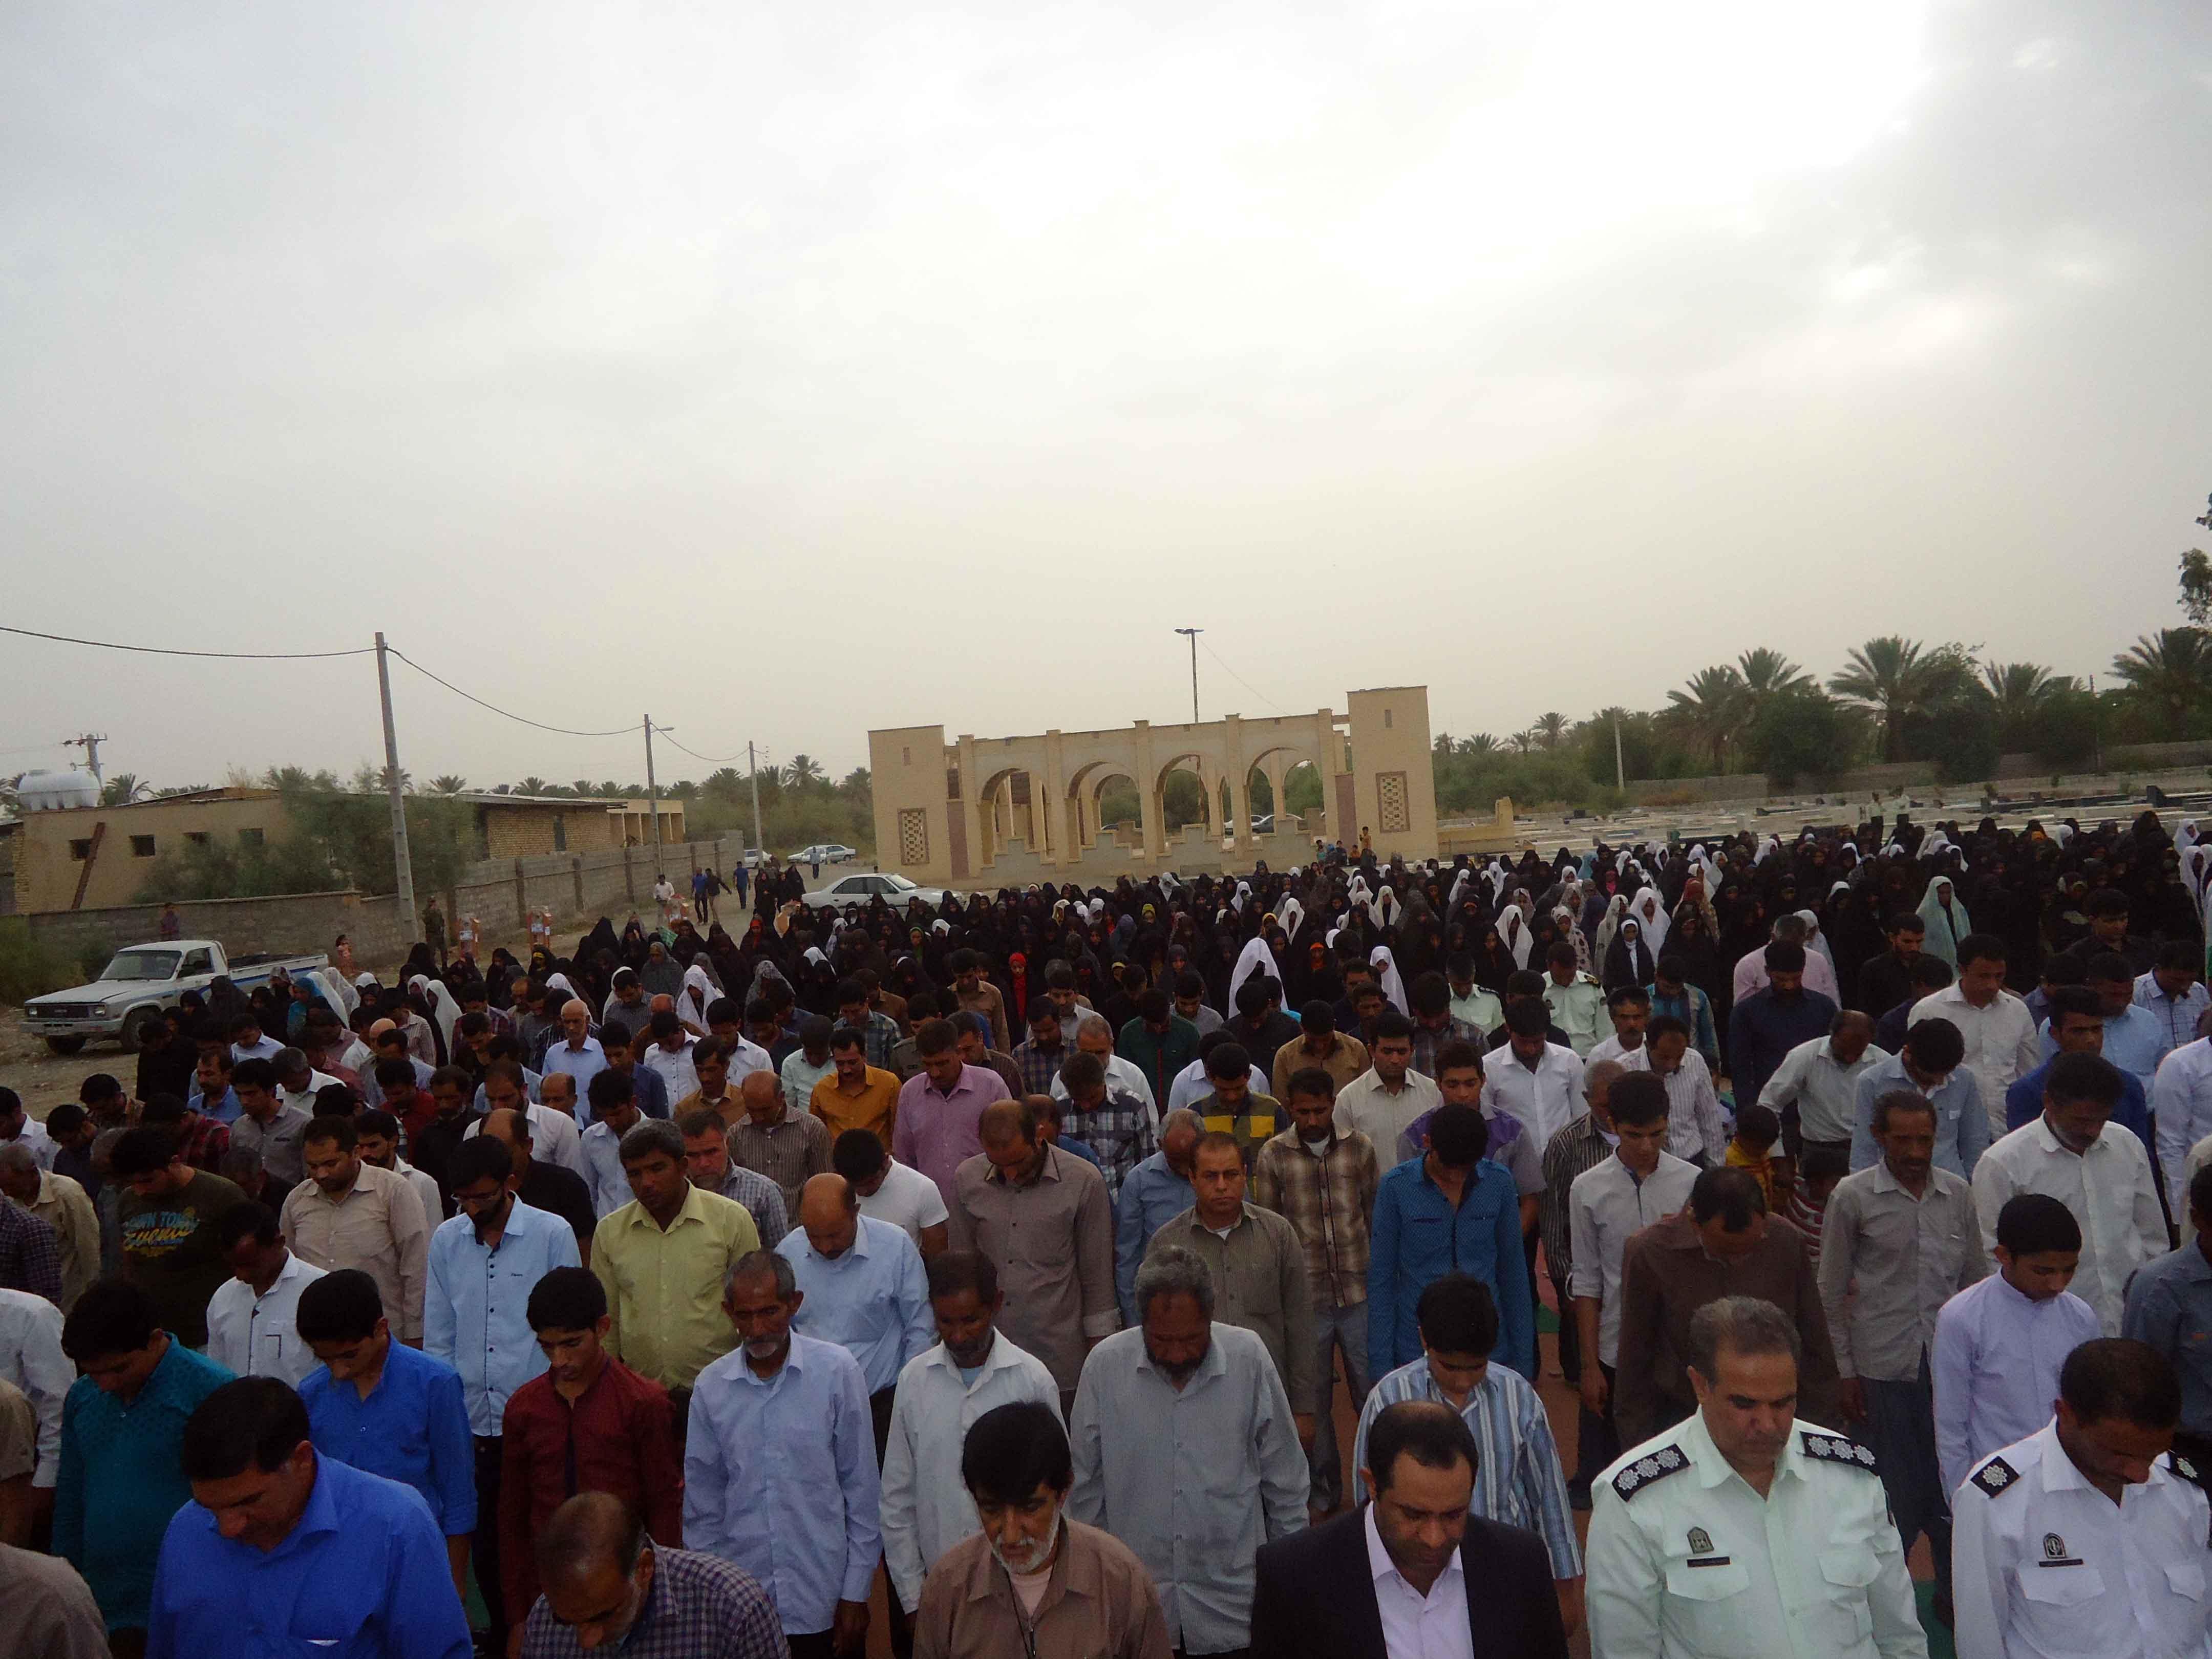 مراسم با شکوه نماز عید فطر در فاریاب+تصویر